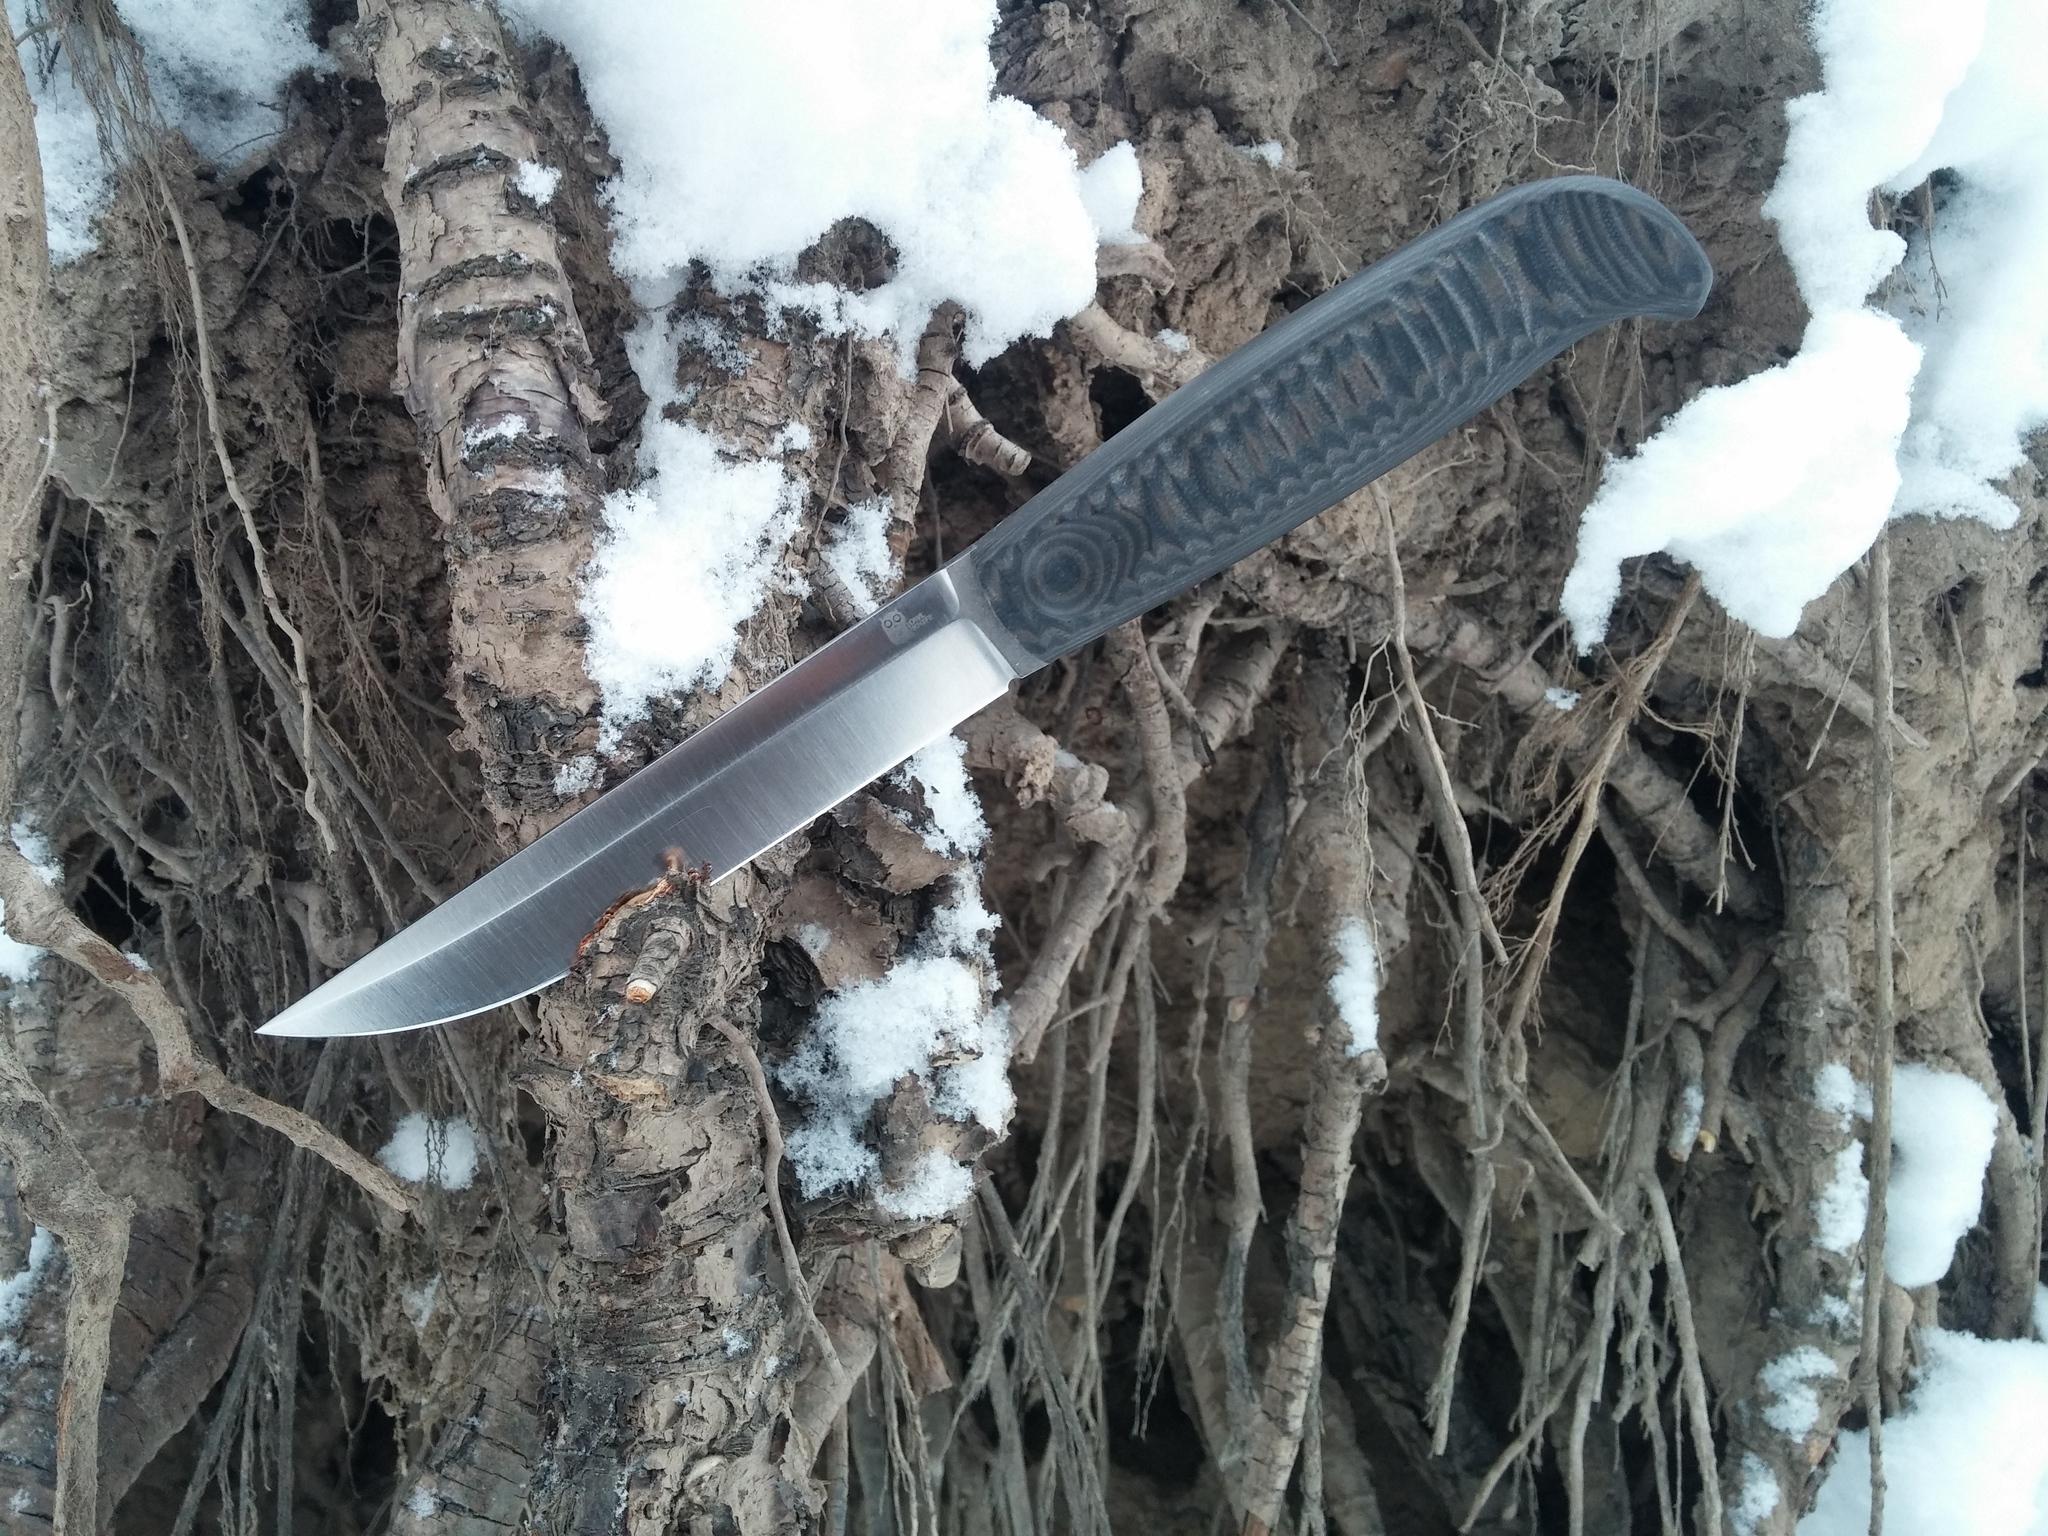 Фото 8 - Финка с грибком и каплей North, N690 от Owl Knife